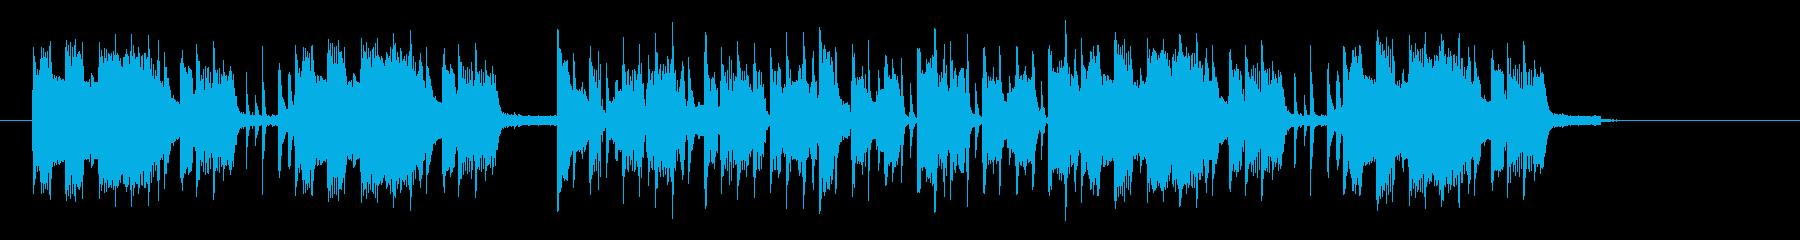 楽しげでおしゃれなシンセギターテクノの再生済みの波形